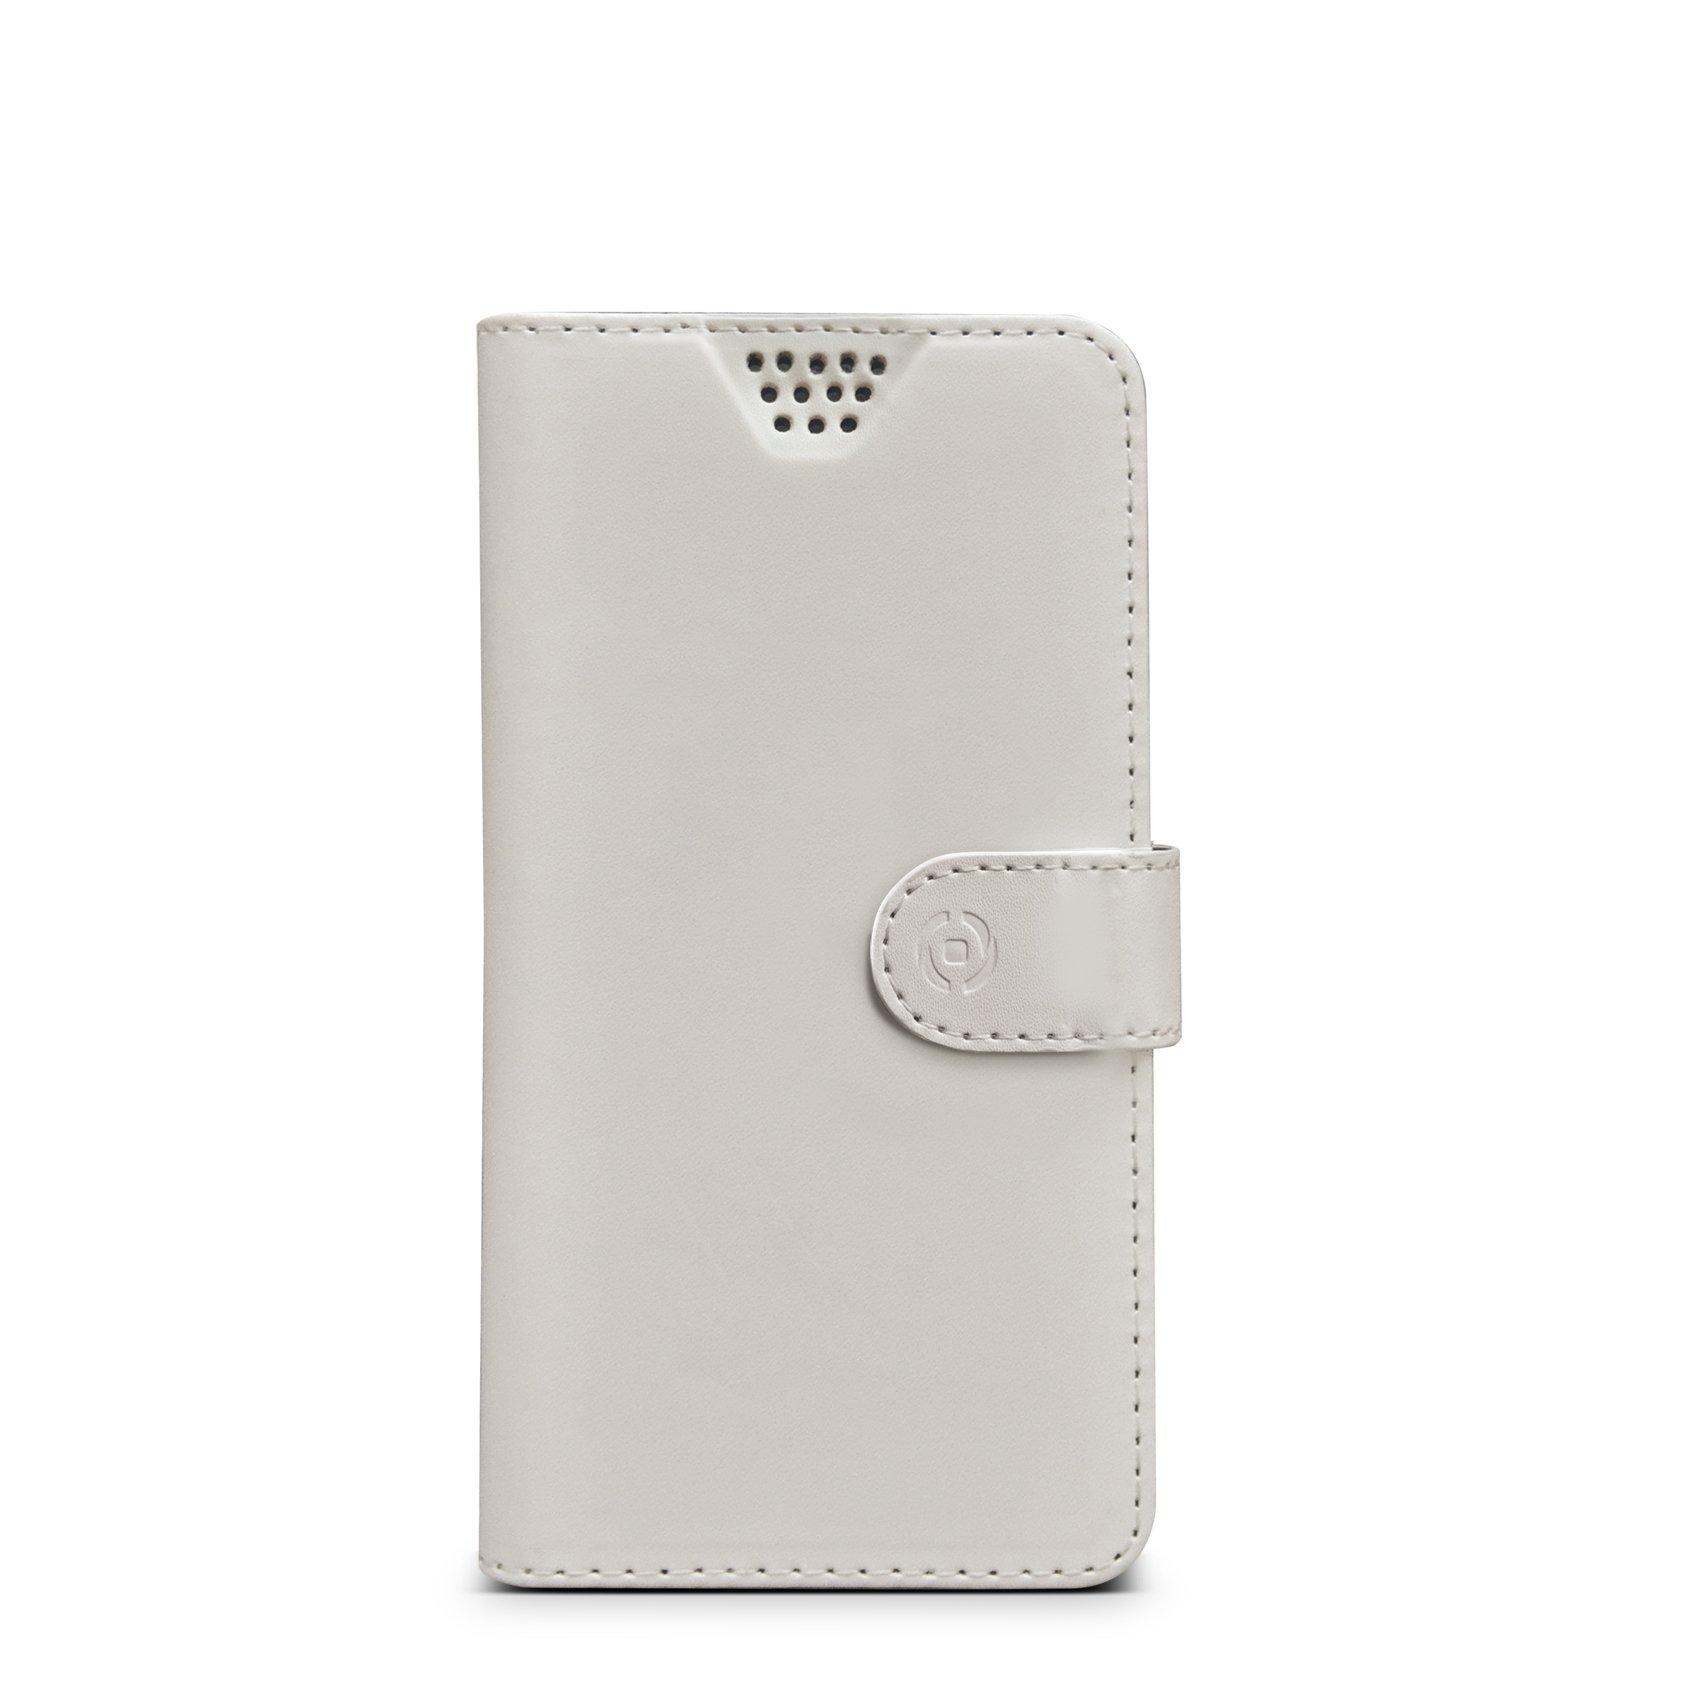 Celly Wally - Funda para móviles de 4.5 a 5